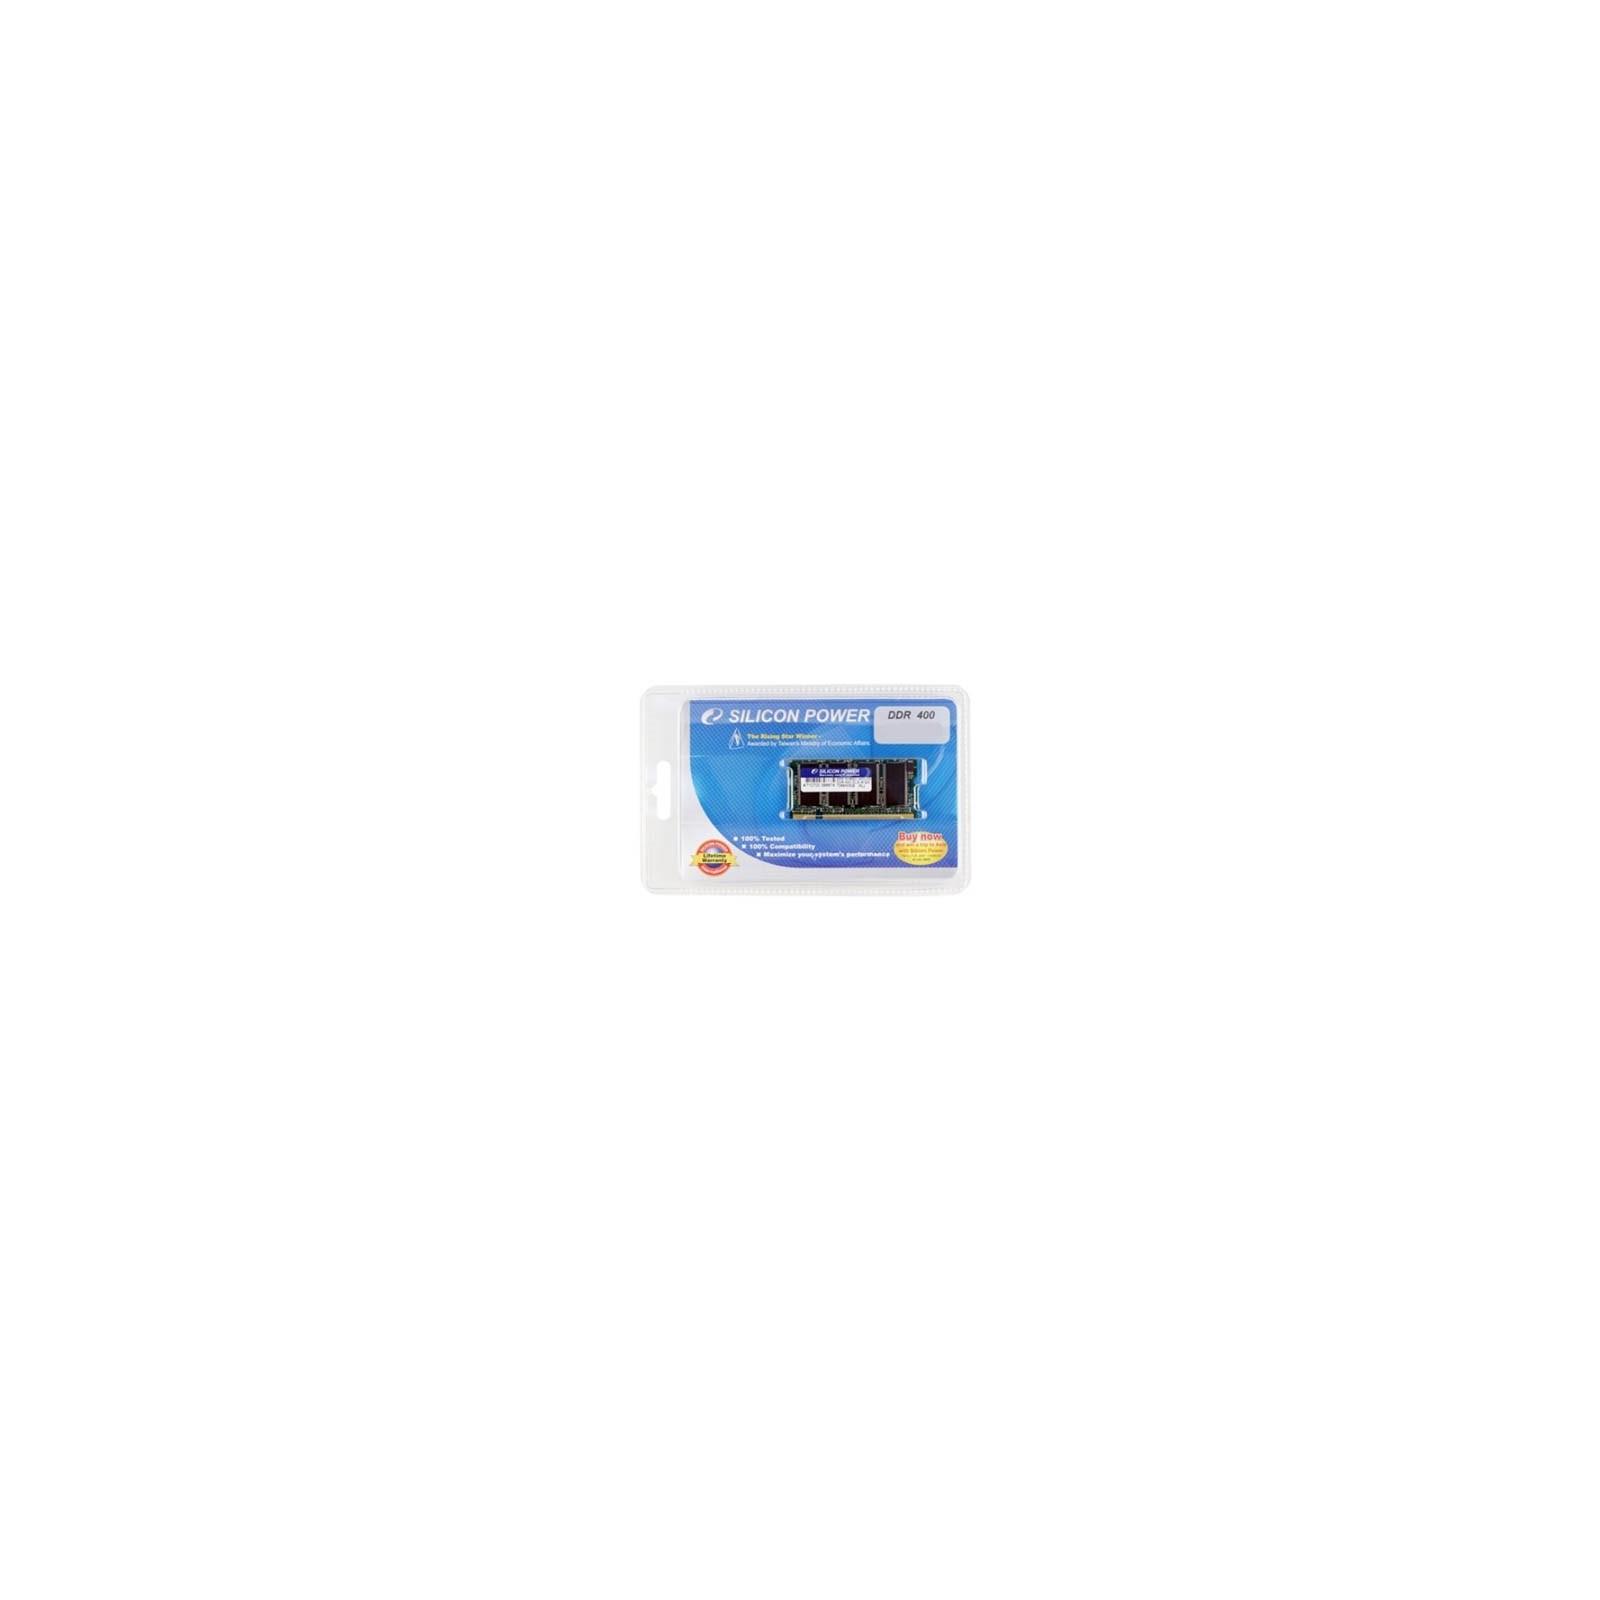 Модуль памяти для ноутбука SoDIMM DDR 1GB 400 MHz Silicon Power (SP001GBSDU400O02)